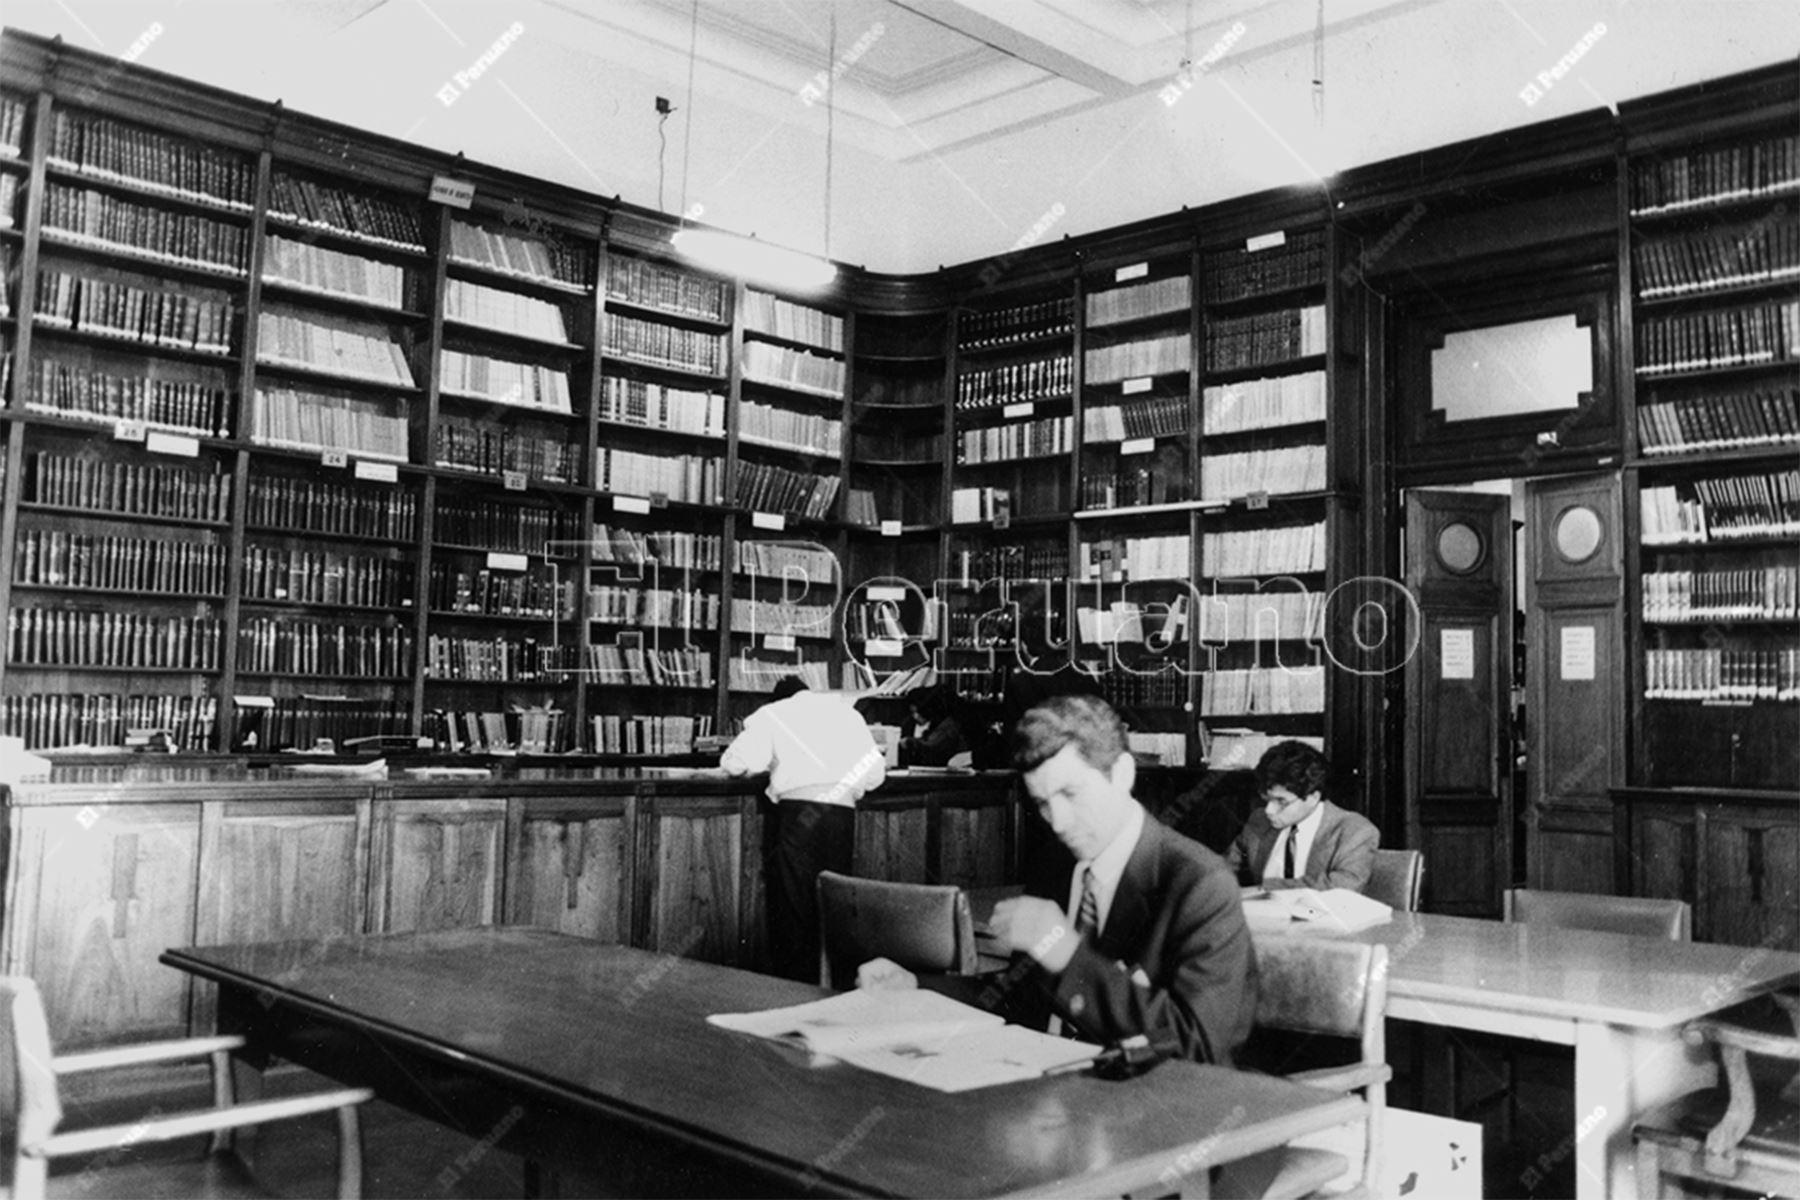 Lima - 6 setiembre 1996 / Biblioteca del Congreso de la República. Foto: Archivo Histórico de El Peruano